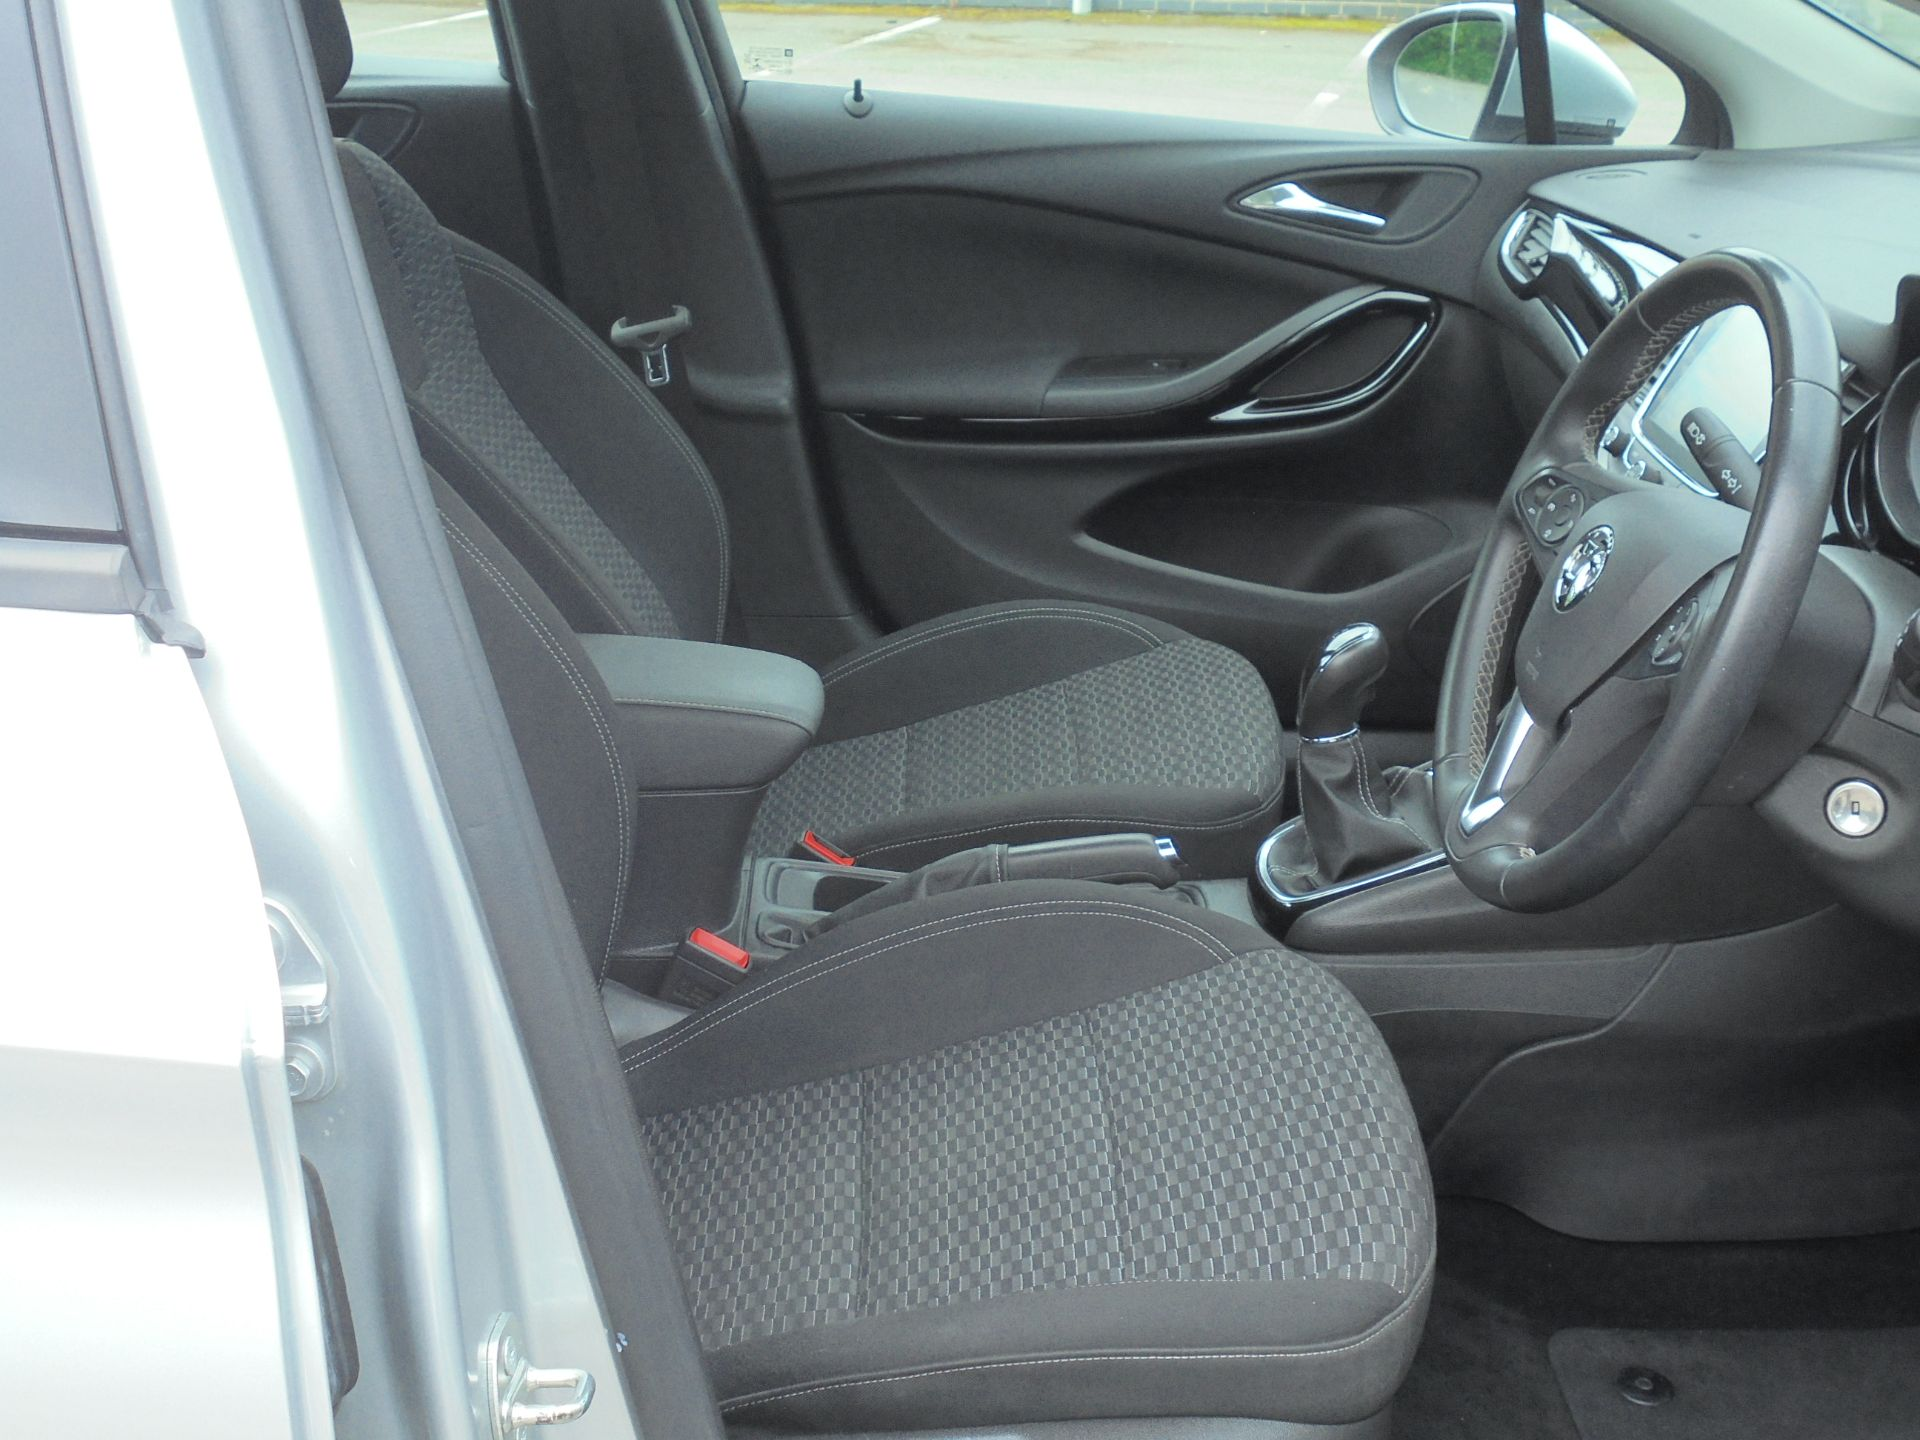 2018 Vauxhall Astra 1.6 Cdti 16V Ecoflex Sri Nav 5Dr (VE18TXA) Image 12